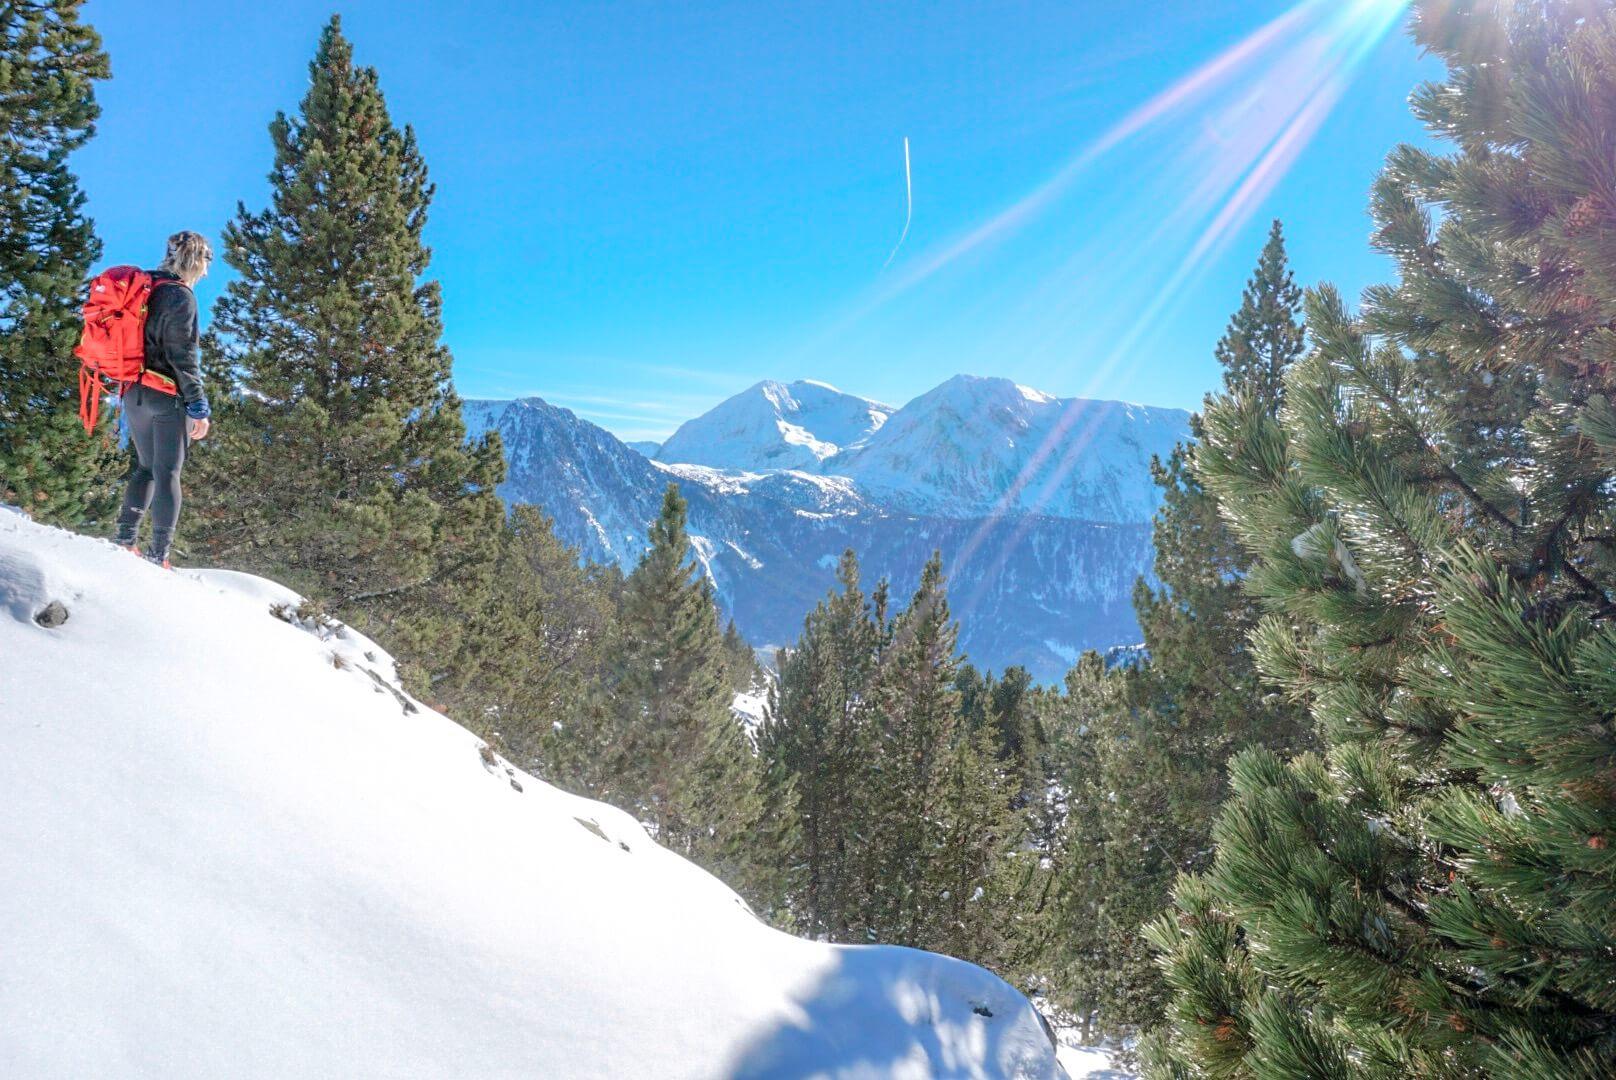 plus belle randonnée alpes Isère Grenoble